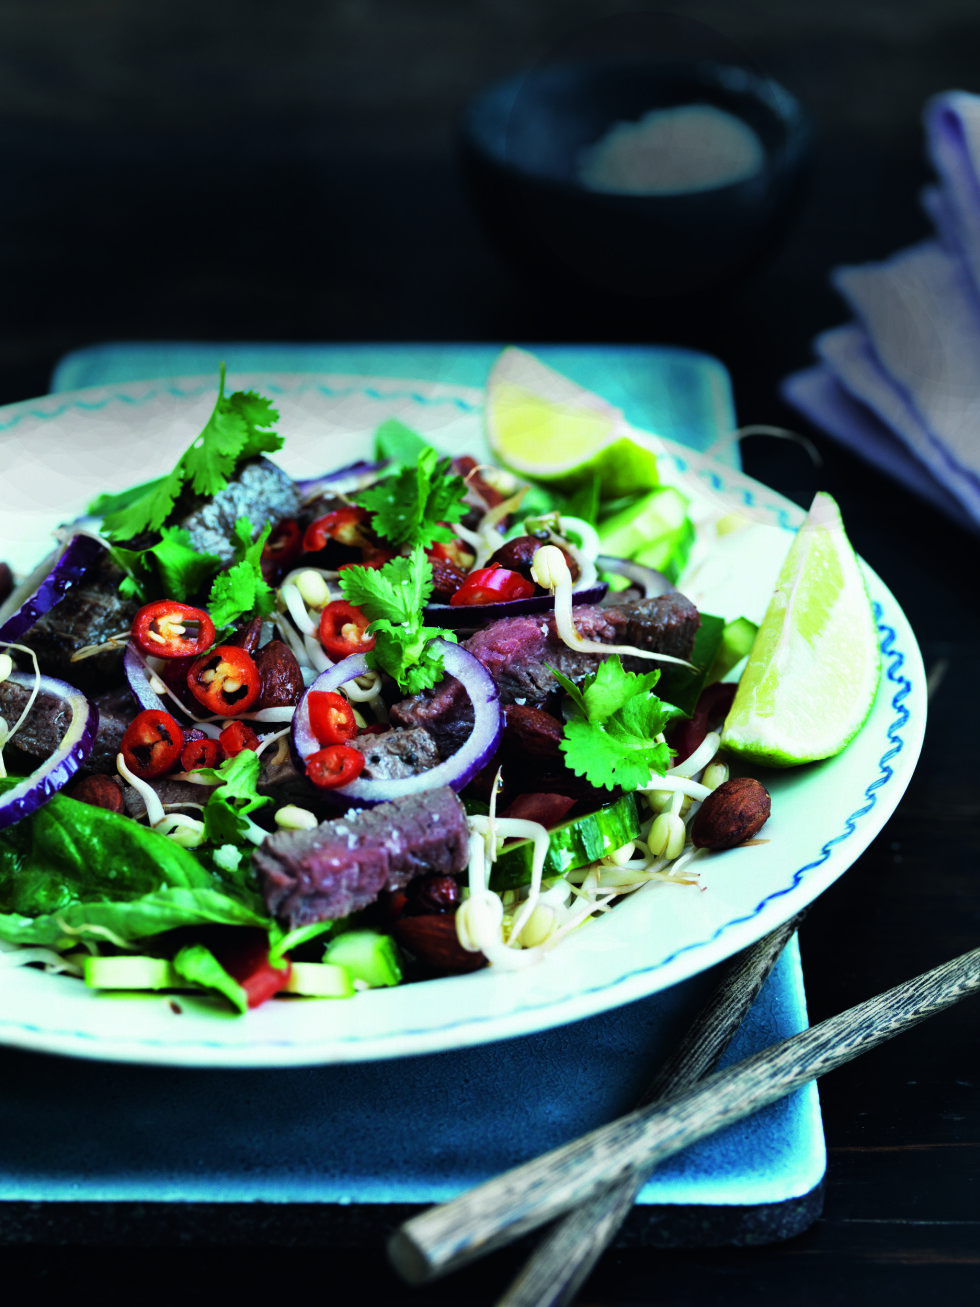 SALAT SOM METTER: De herlige asiatiske salatene er både supergode og friske samtidig som de metter. Anbefales! Foto: All Over Press